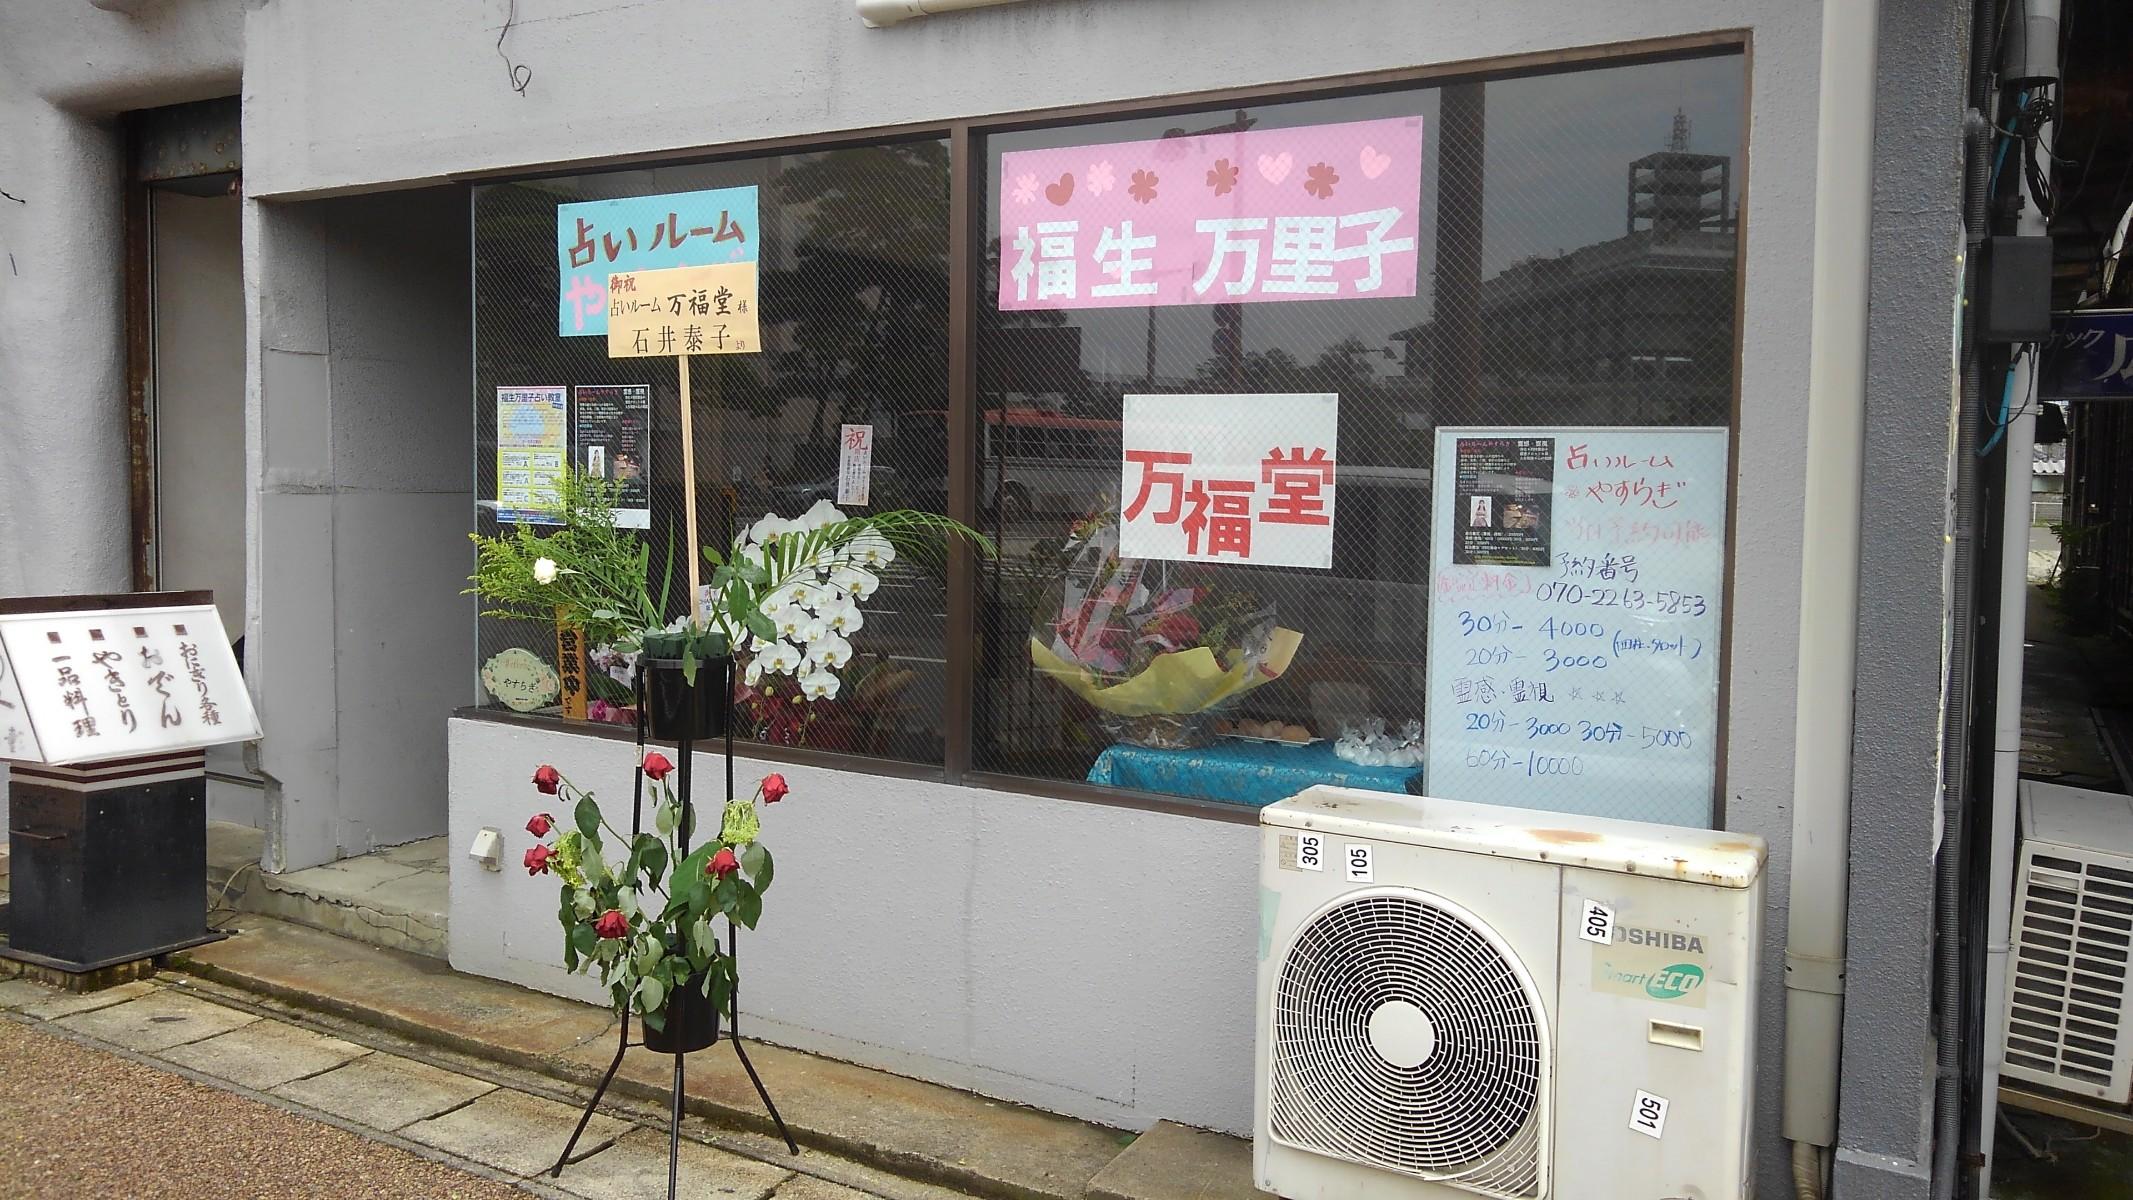 タウンビル101(占いルームやすらぎ) (1)